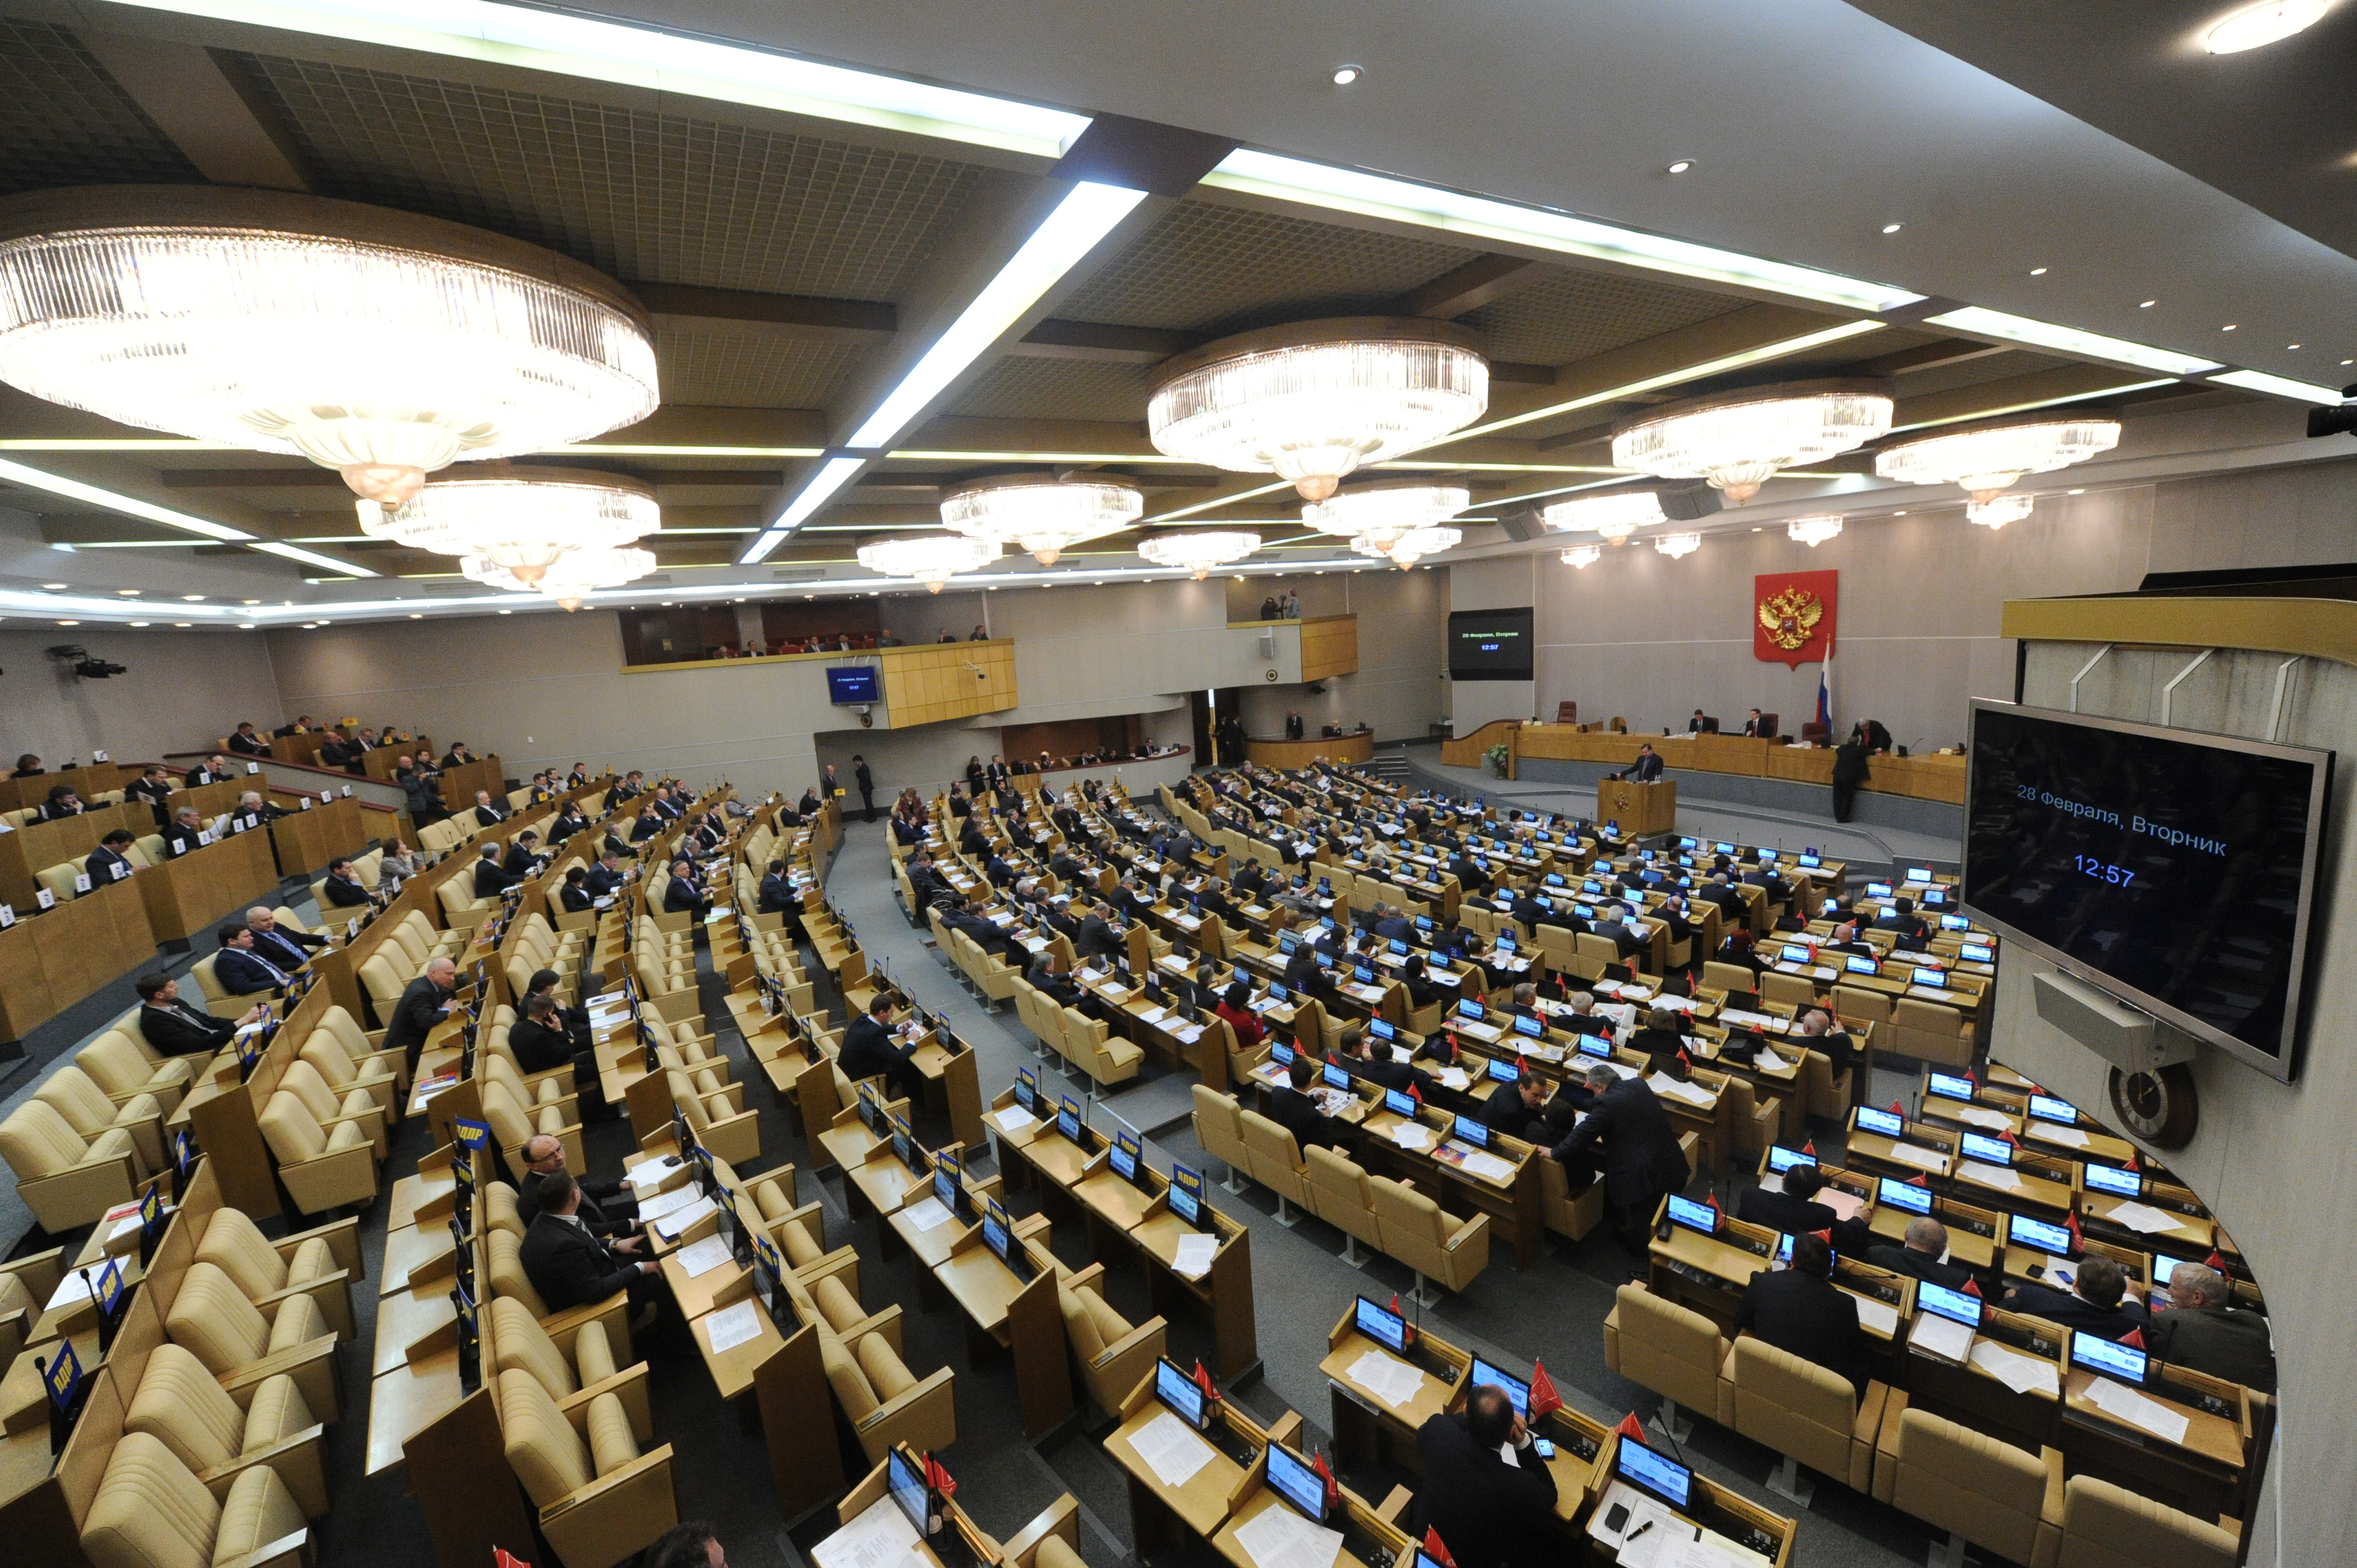 Госдума приняла закон о Росгвардии: новая структура получила практически неограниченные полномочия для защиты путинского режима